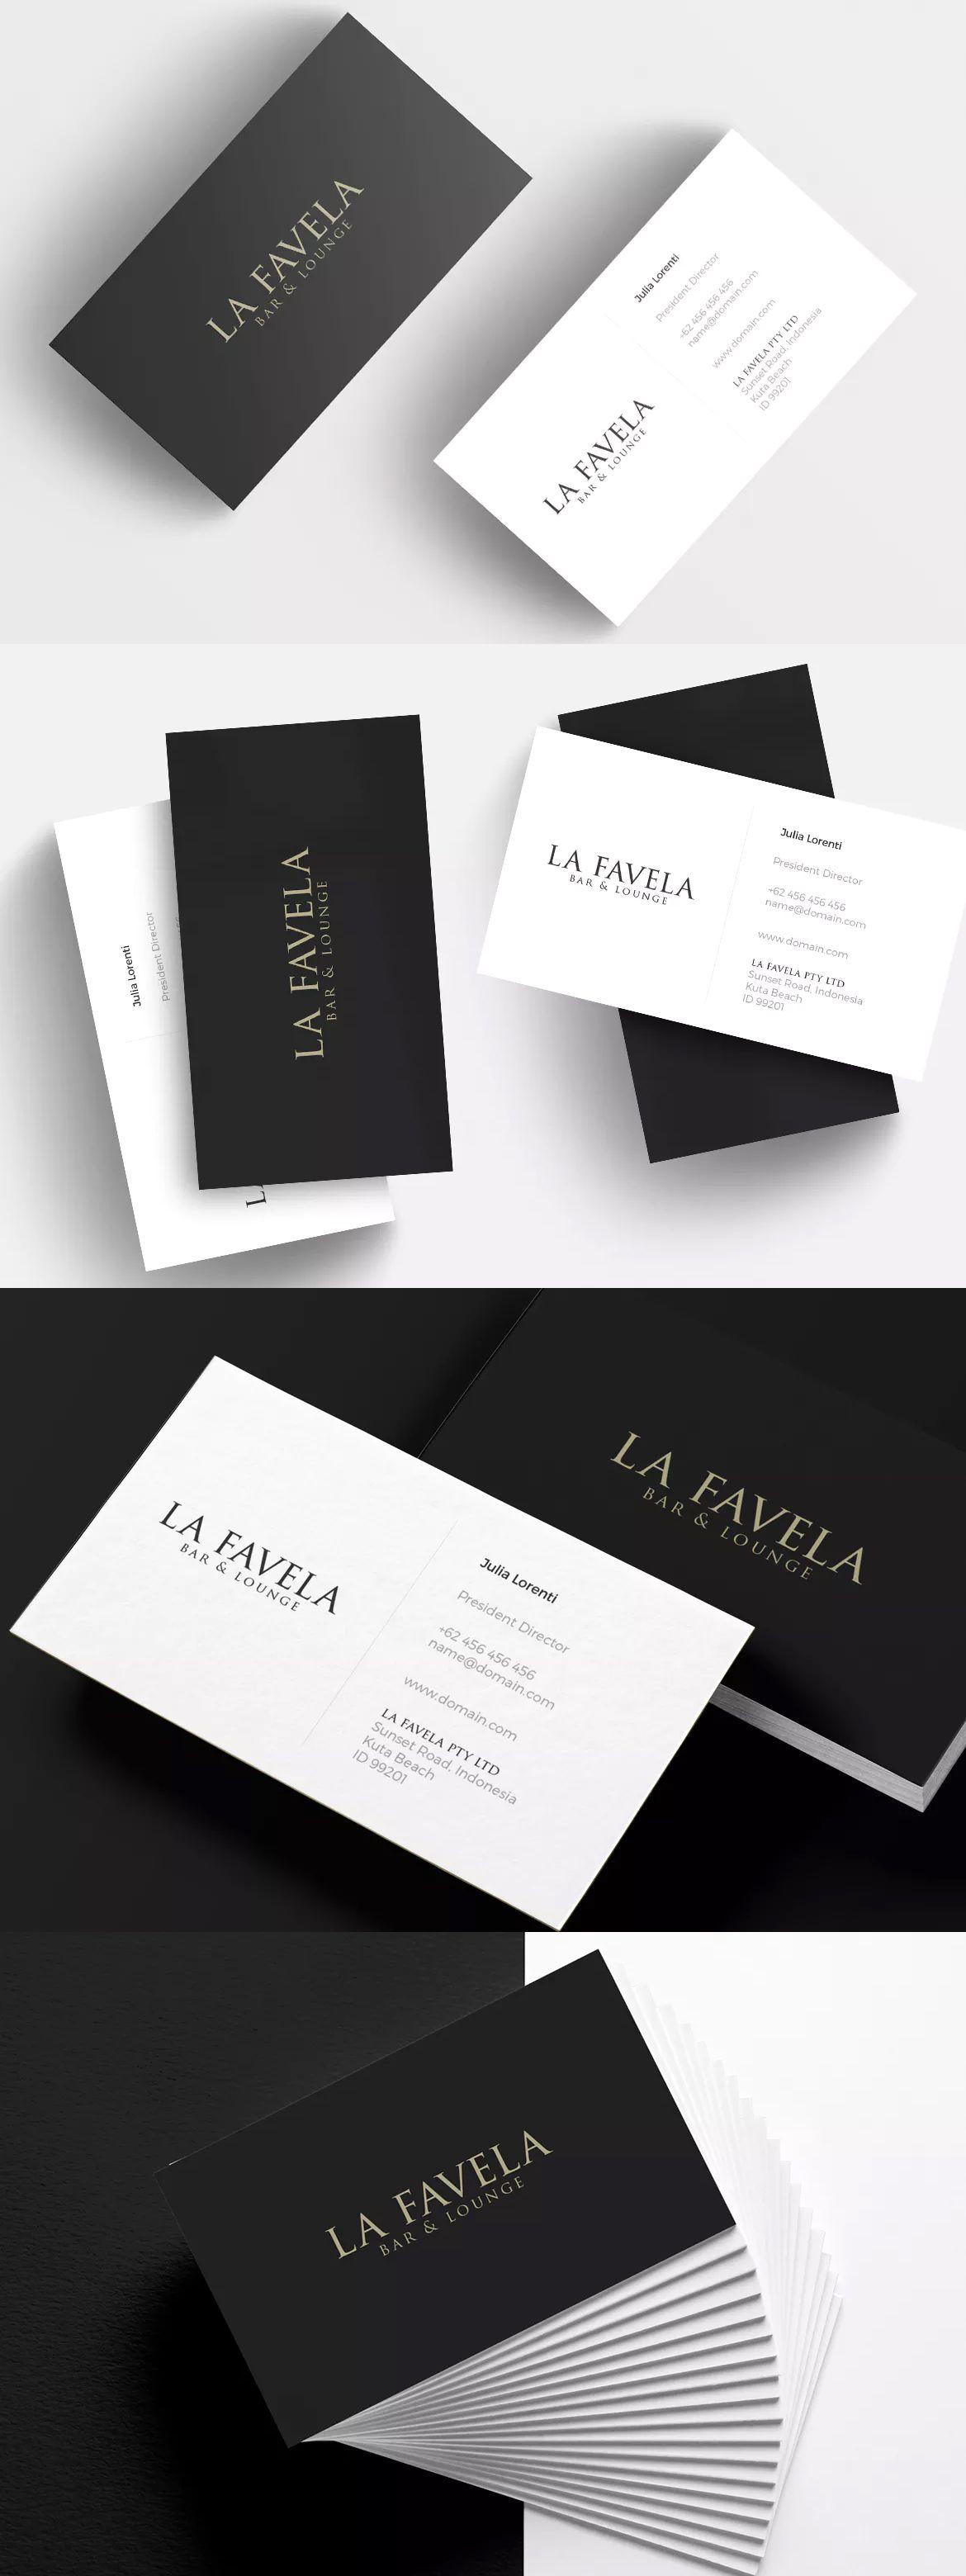 restaurant minimal business card template psd d'd¸d·d¸n'dod¸